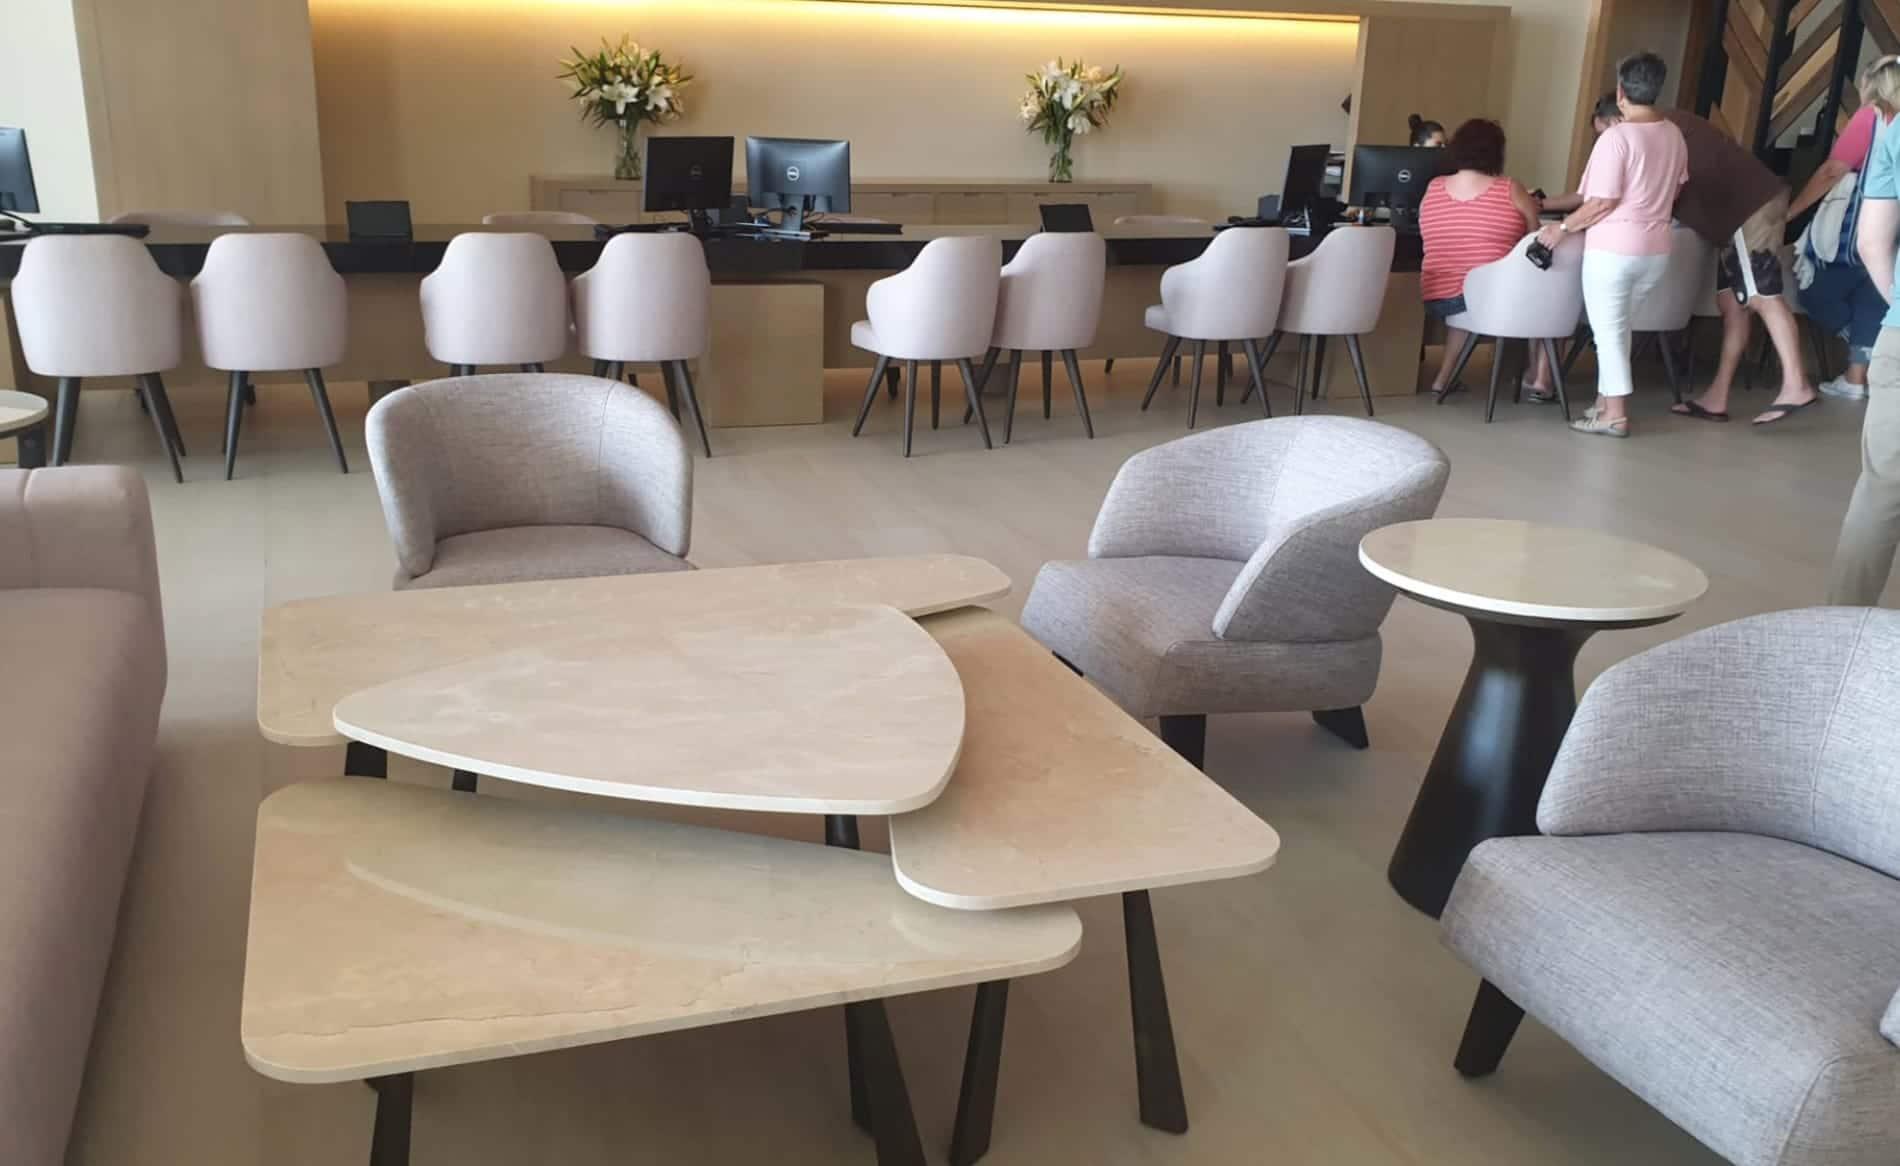 mobiliario de mármol crema marfil del hotel barceló